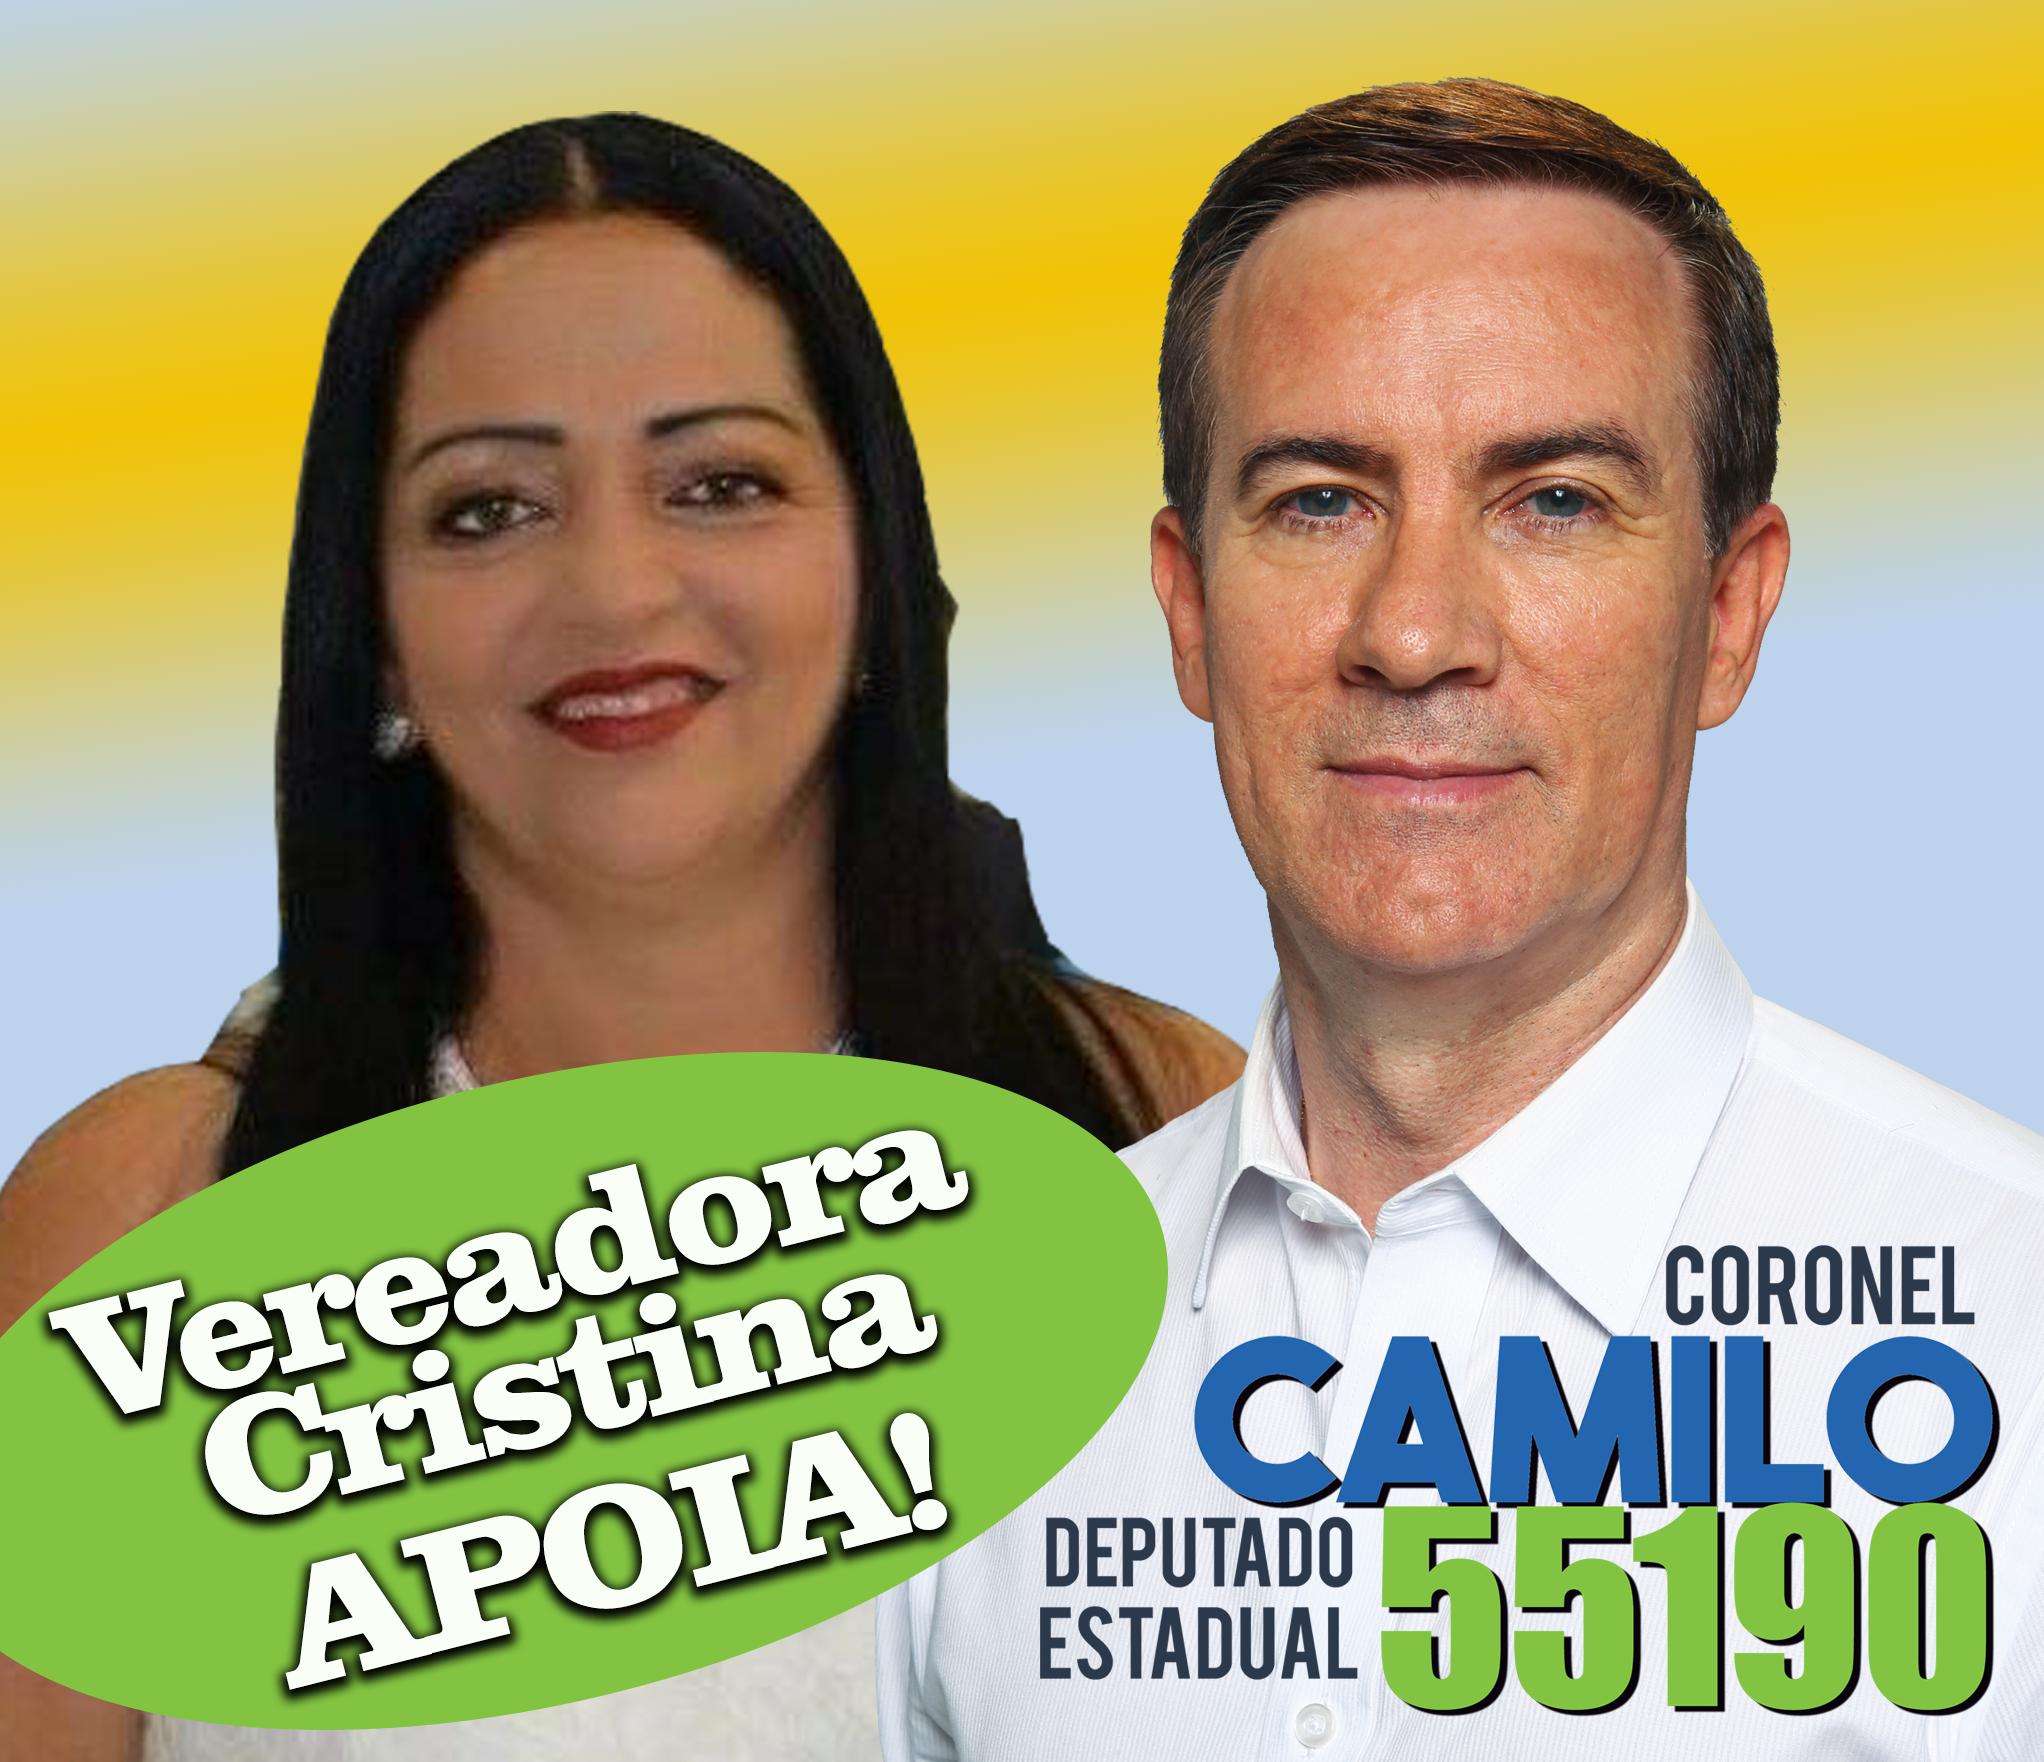 Vereadora Cristina